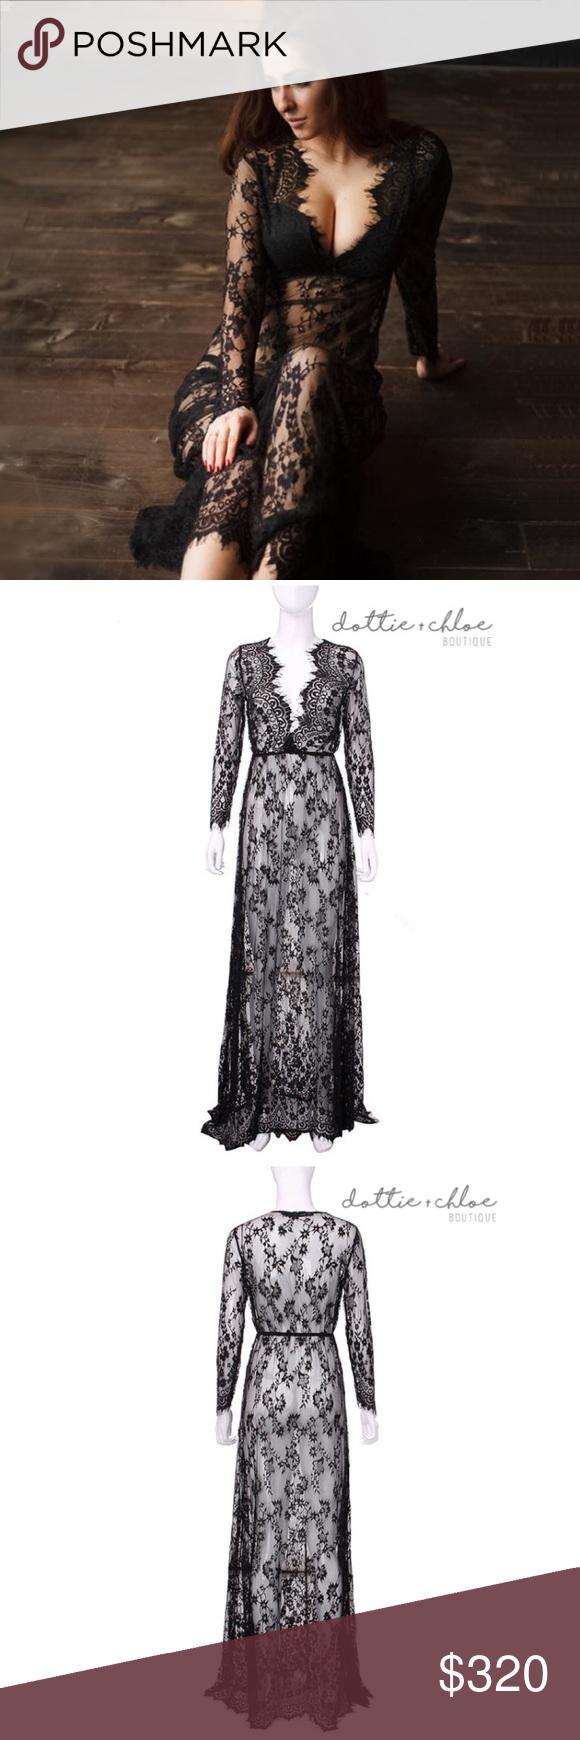 Black lace maxi dress cover up boutique chloe dress lace